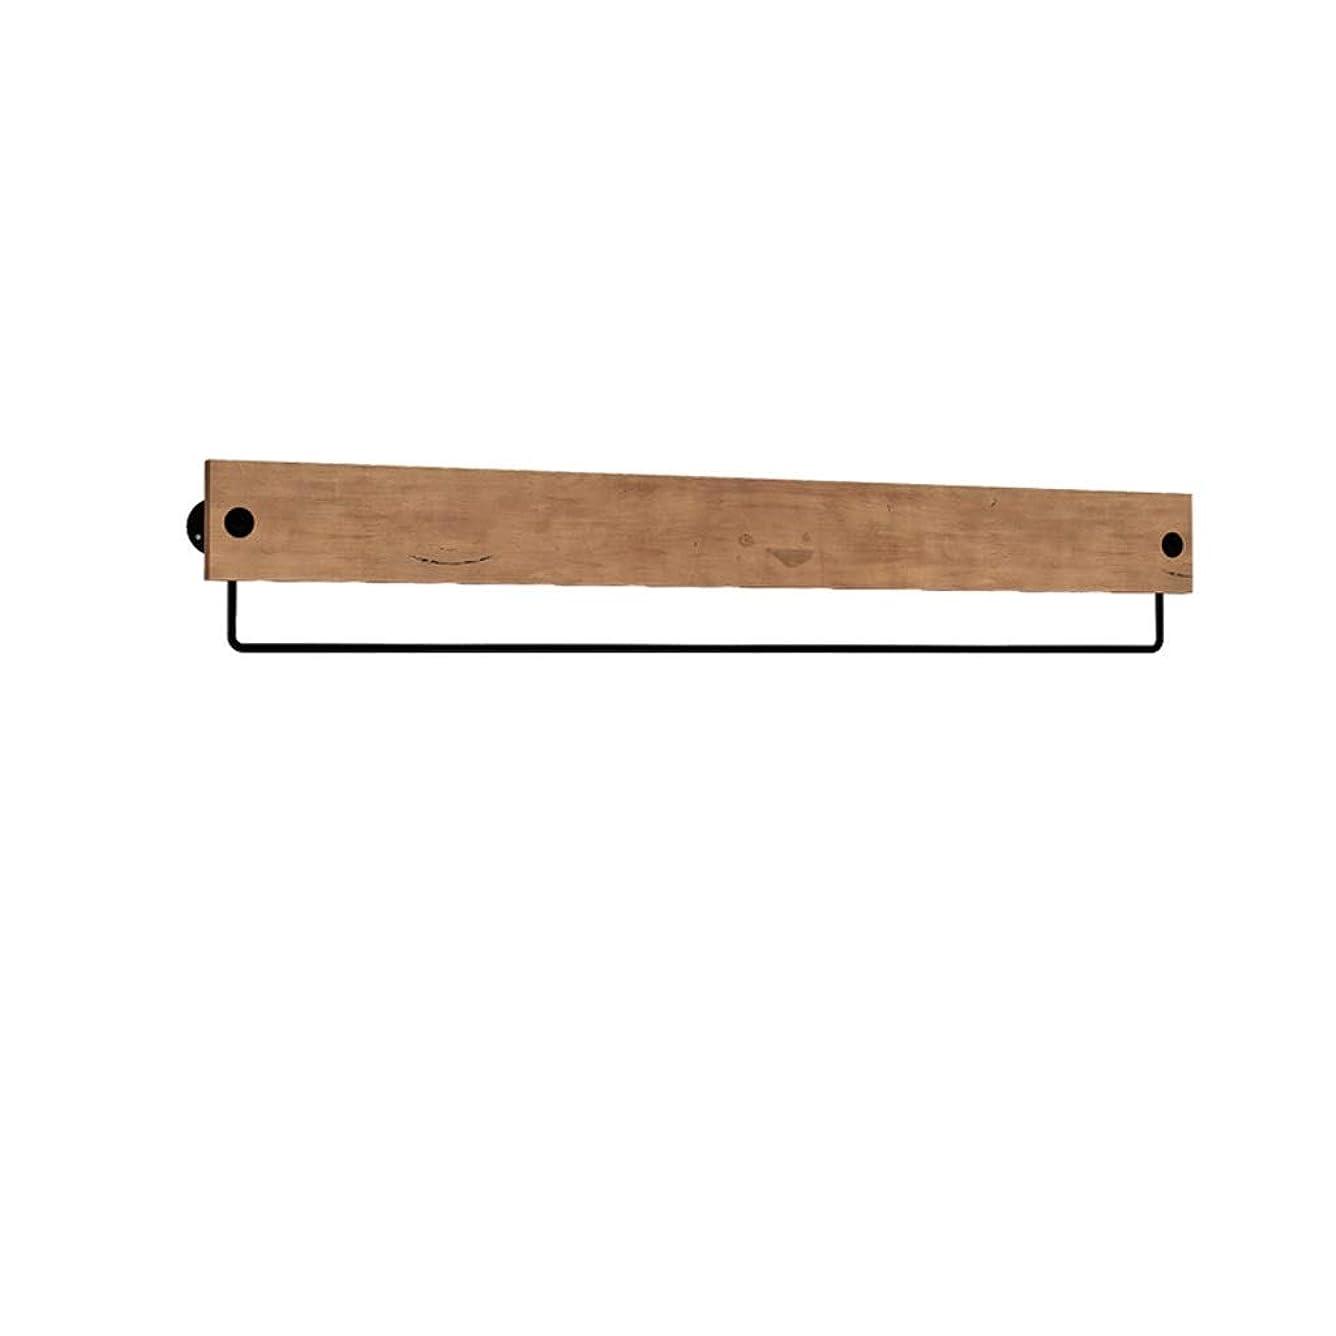 スノーケルビット誘発するヴィンテージアイアンウッドコートラックウォールハンガーのU字型フックリビングルームベッドルームウォールラック耐久性/錆/リムーバブル/ブルー、ブラウン、グリーン、ホワイト(60cm、80cm、100cm、120cm) (色 : 青, サイズ さいず : 80cm)